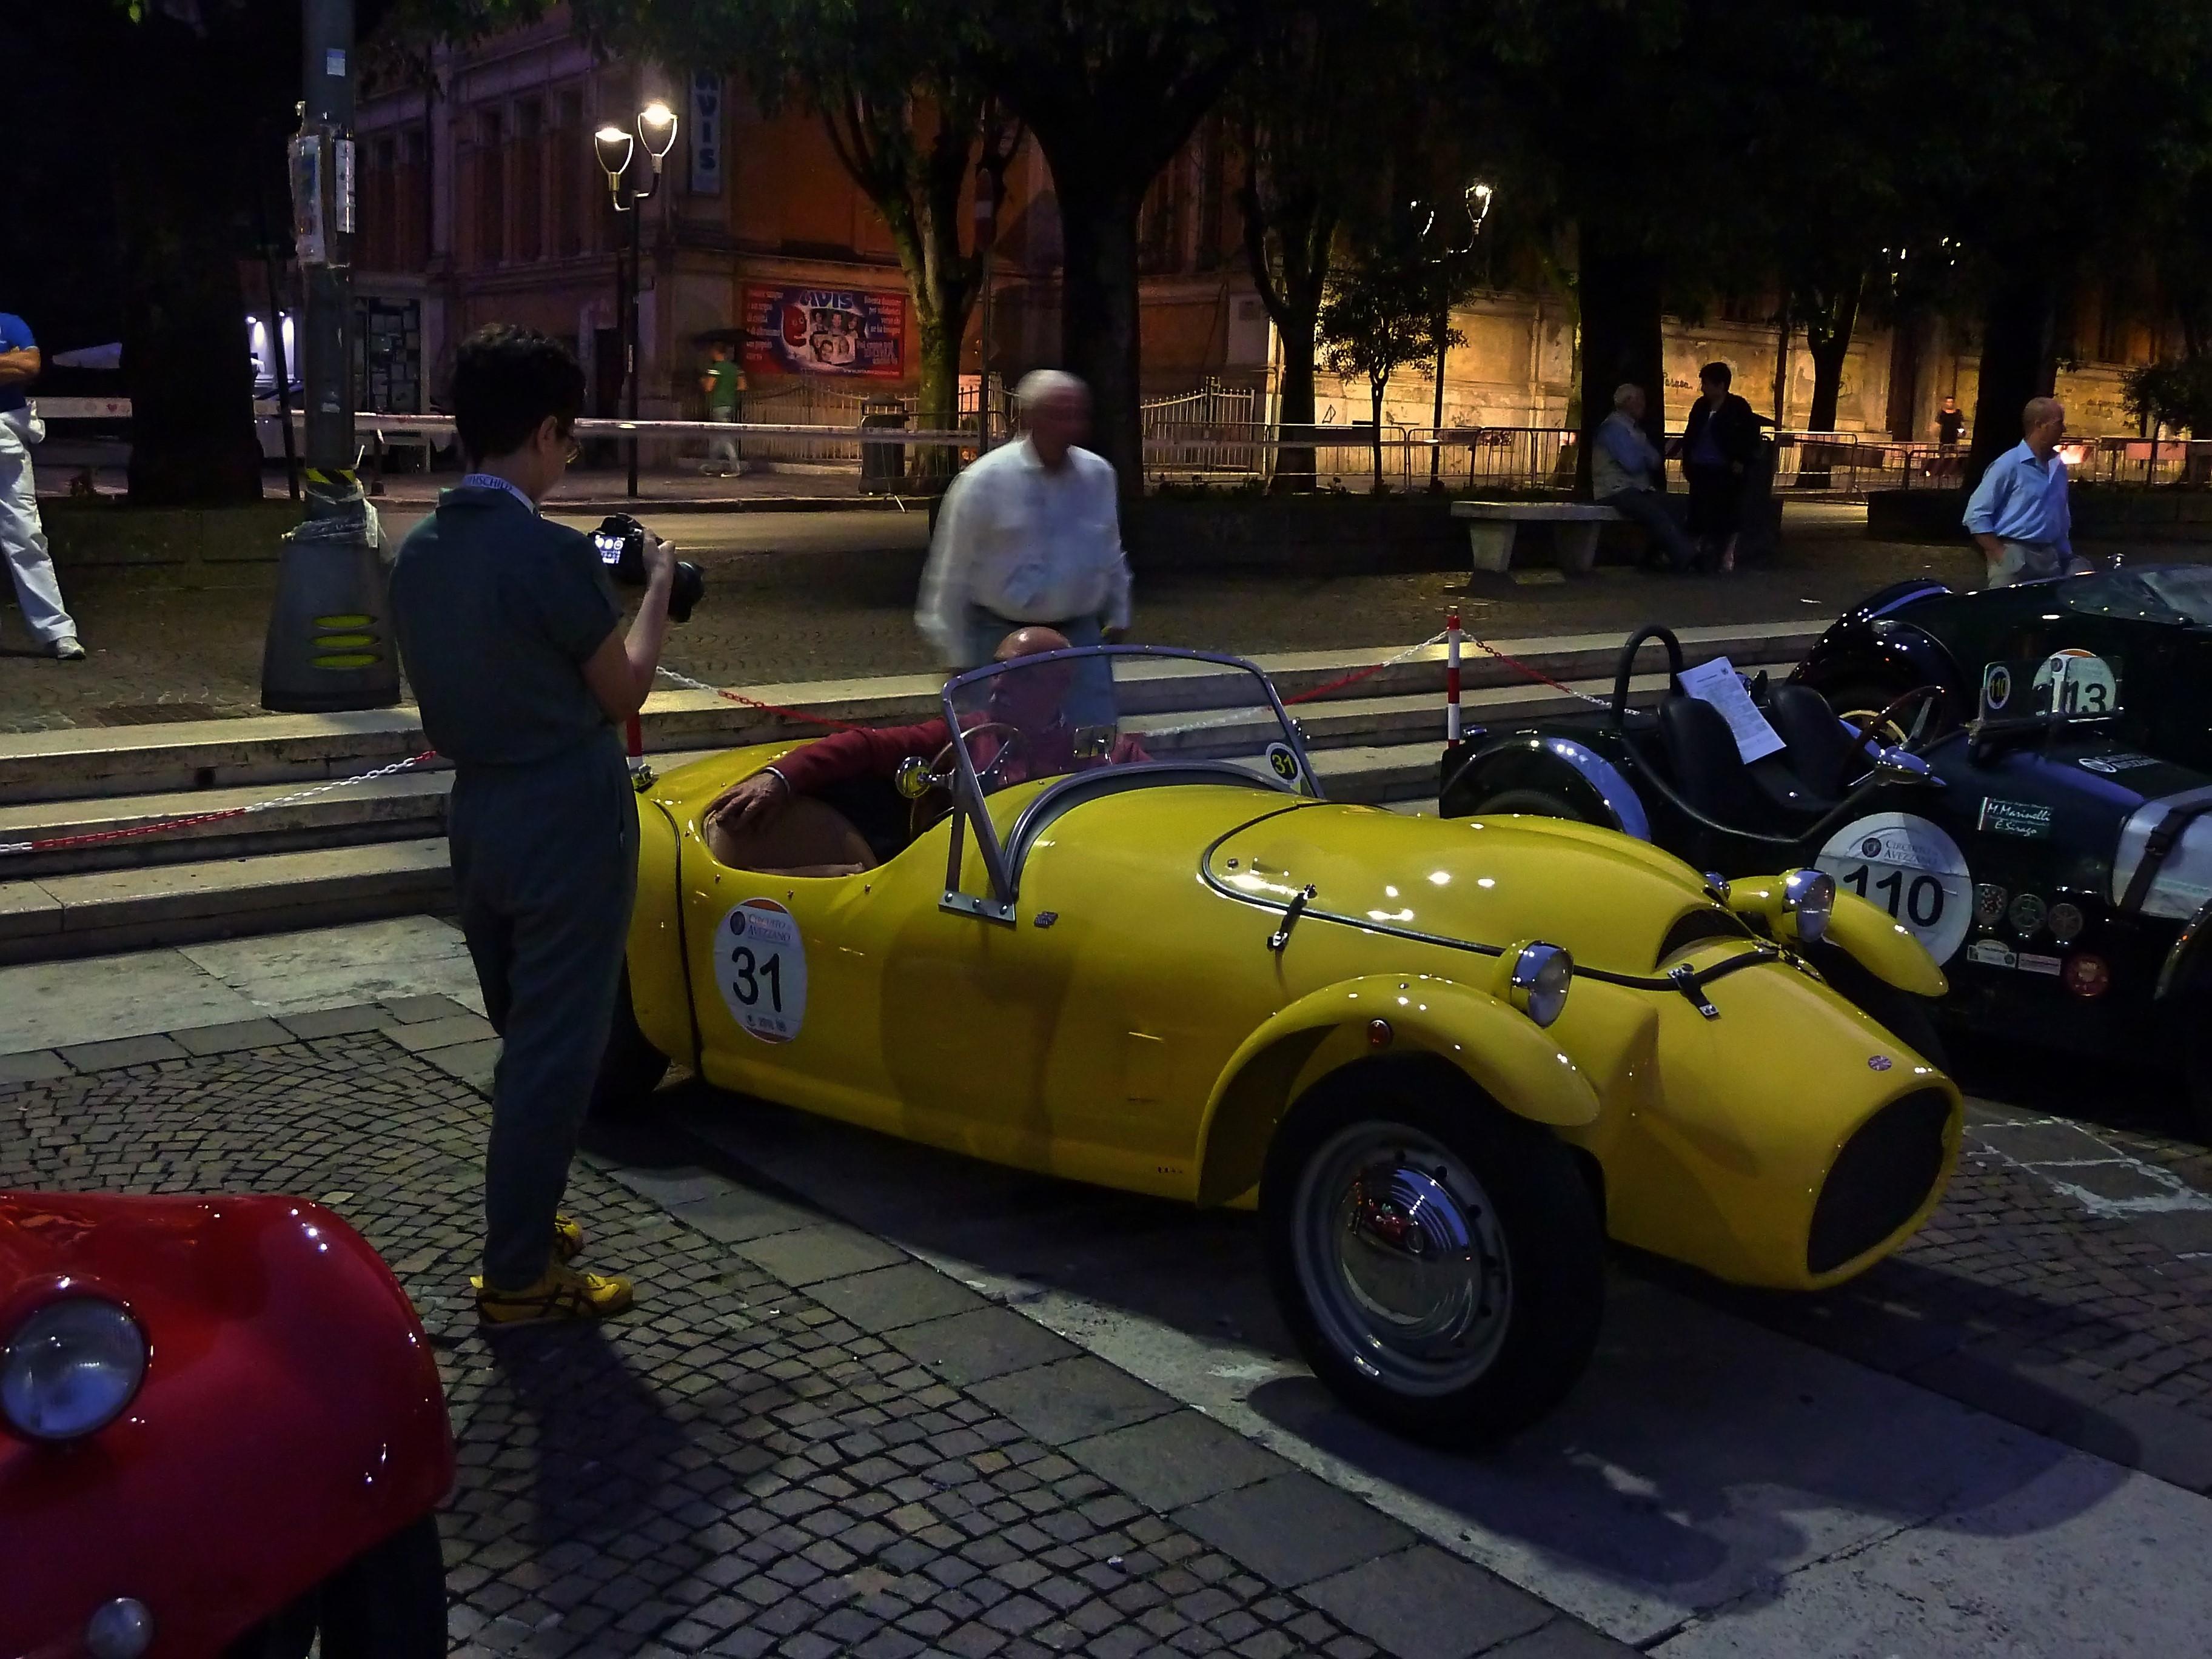 4th Circuito Di Avezzano (330)